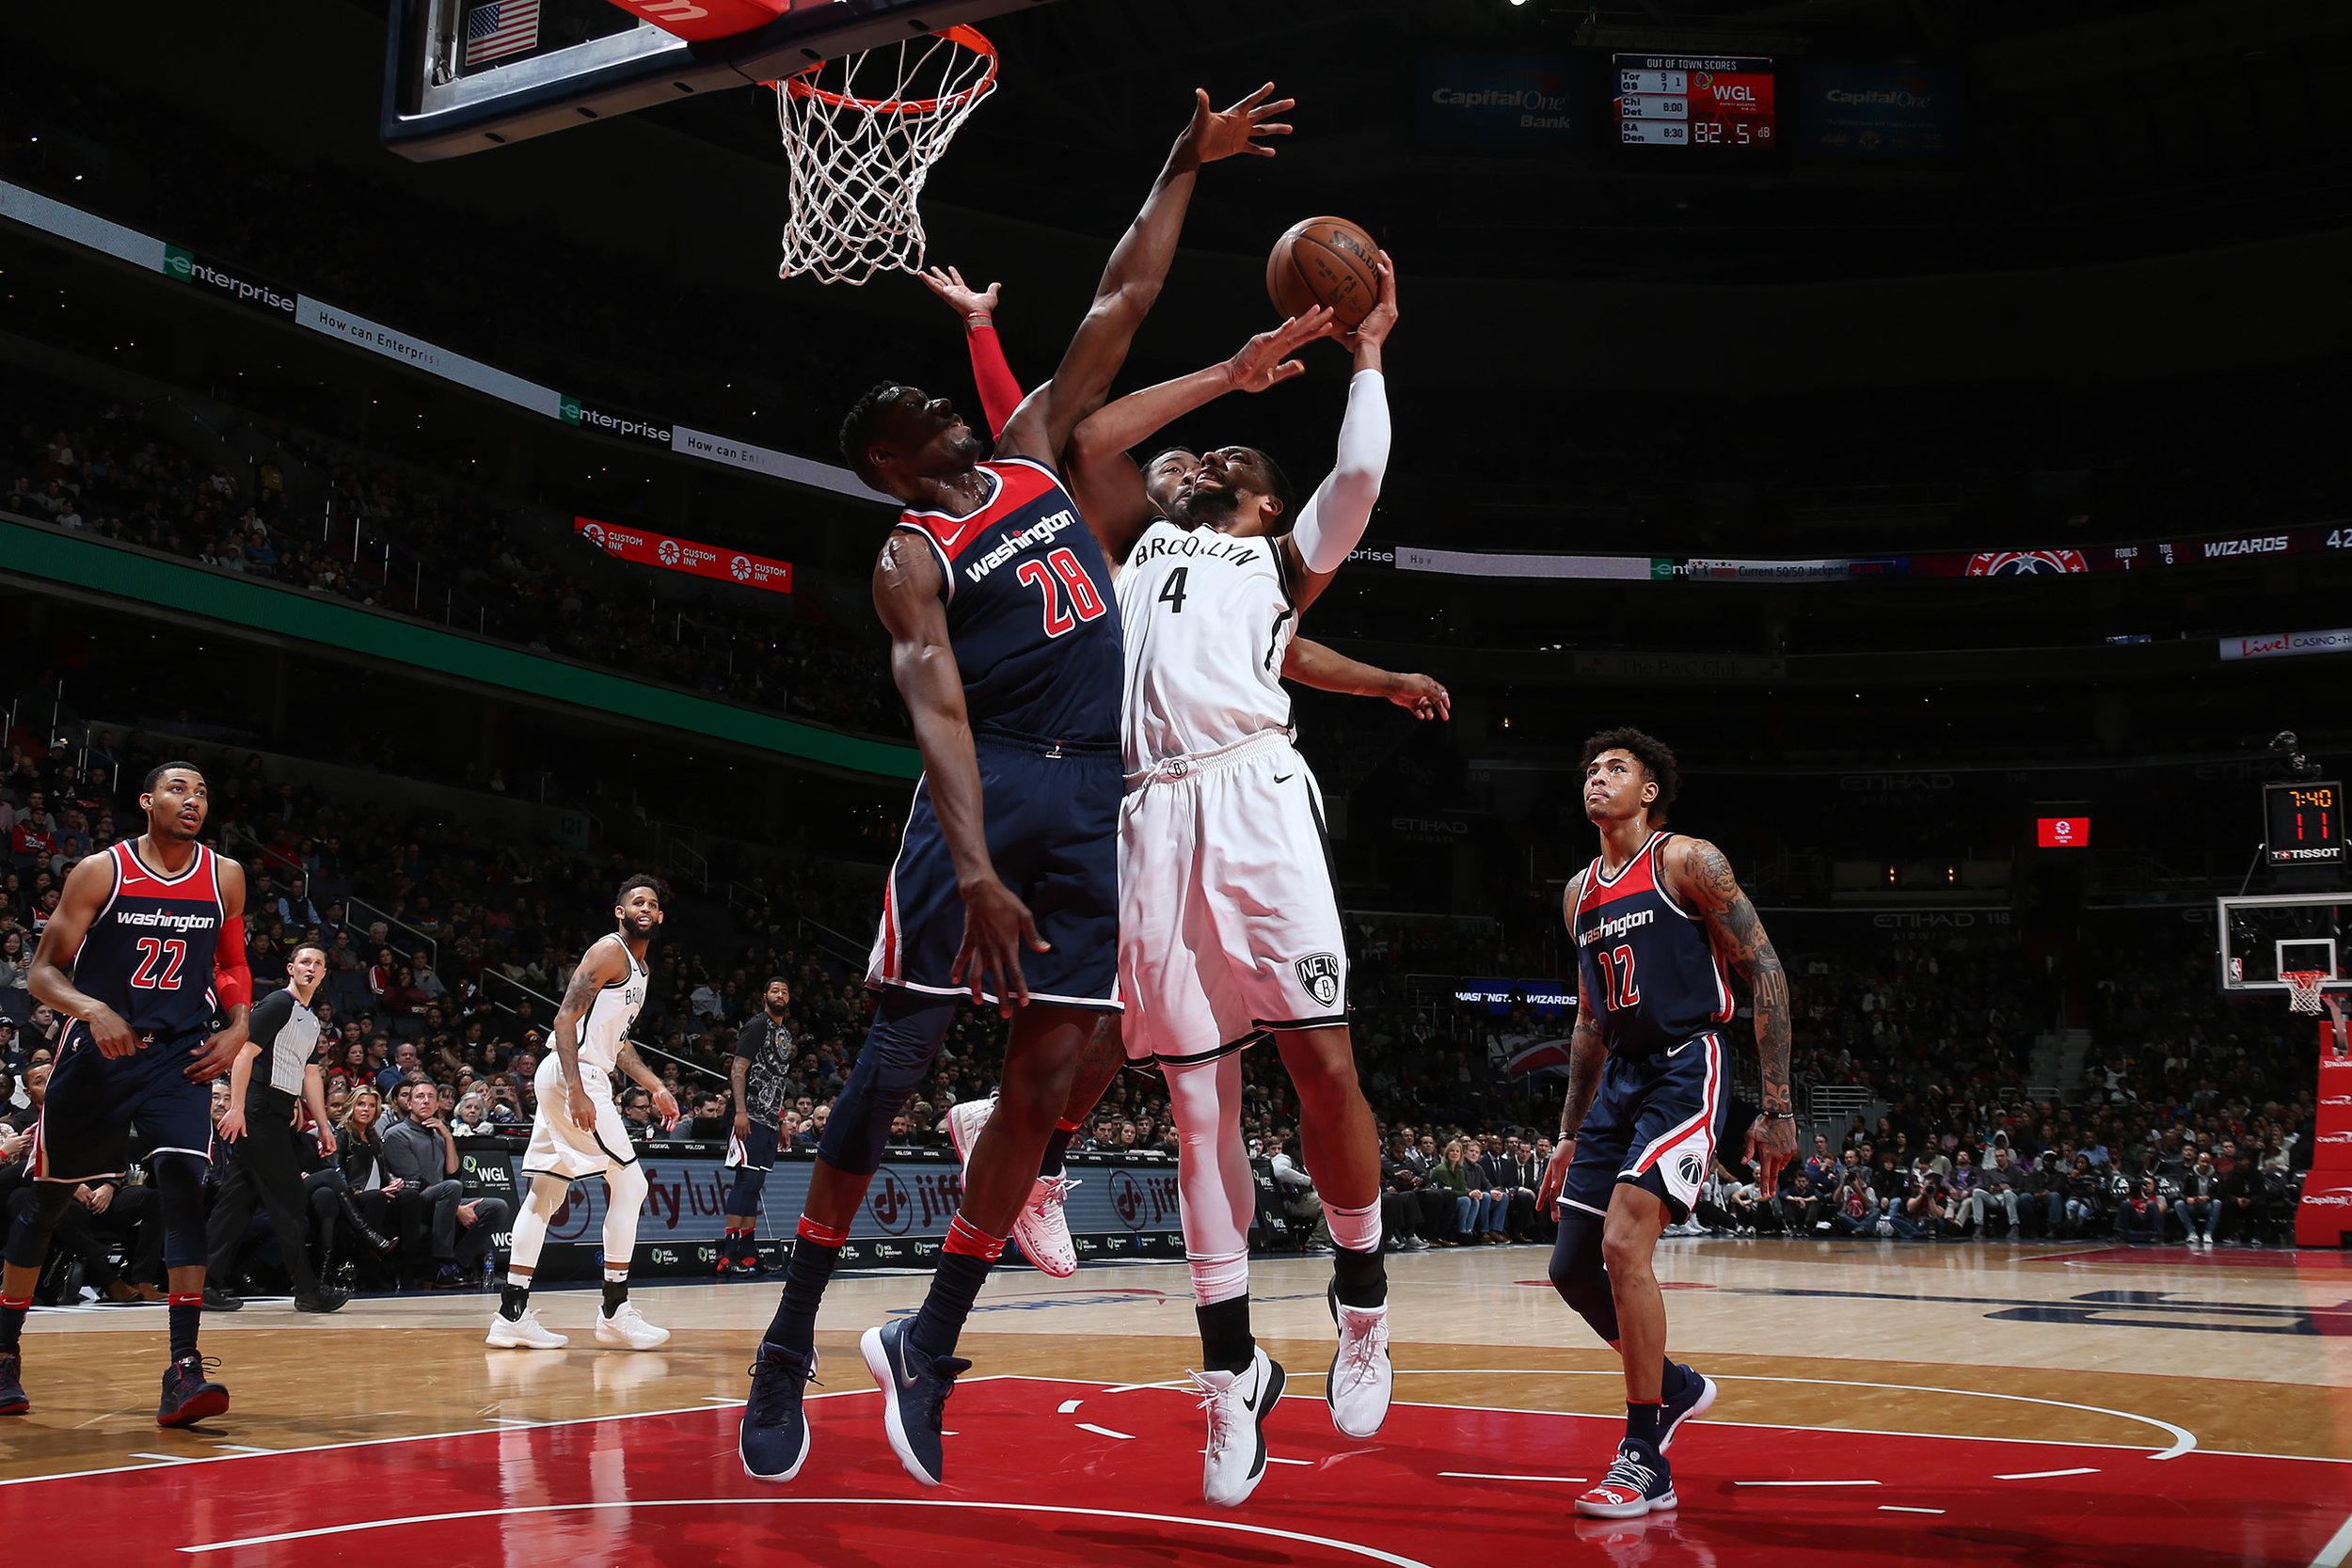 Brooklyn-Nets-Washington-Wizards-20180113-04.JPG